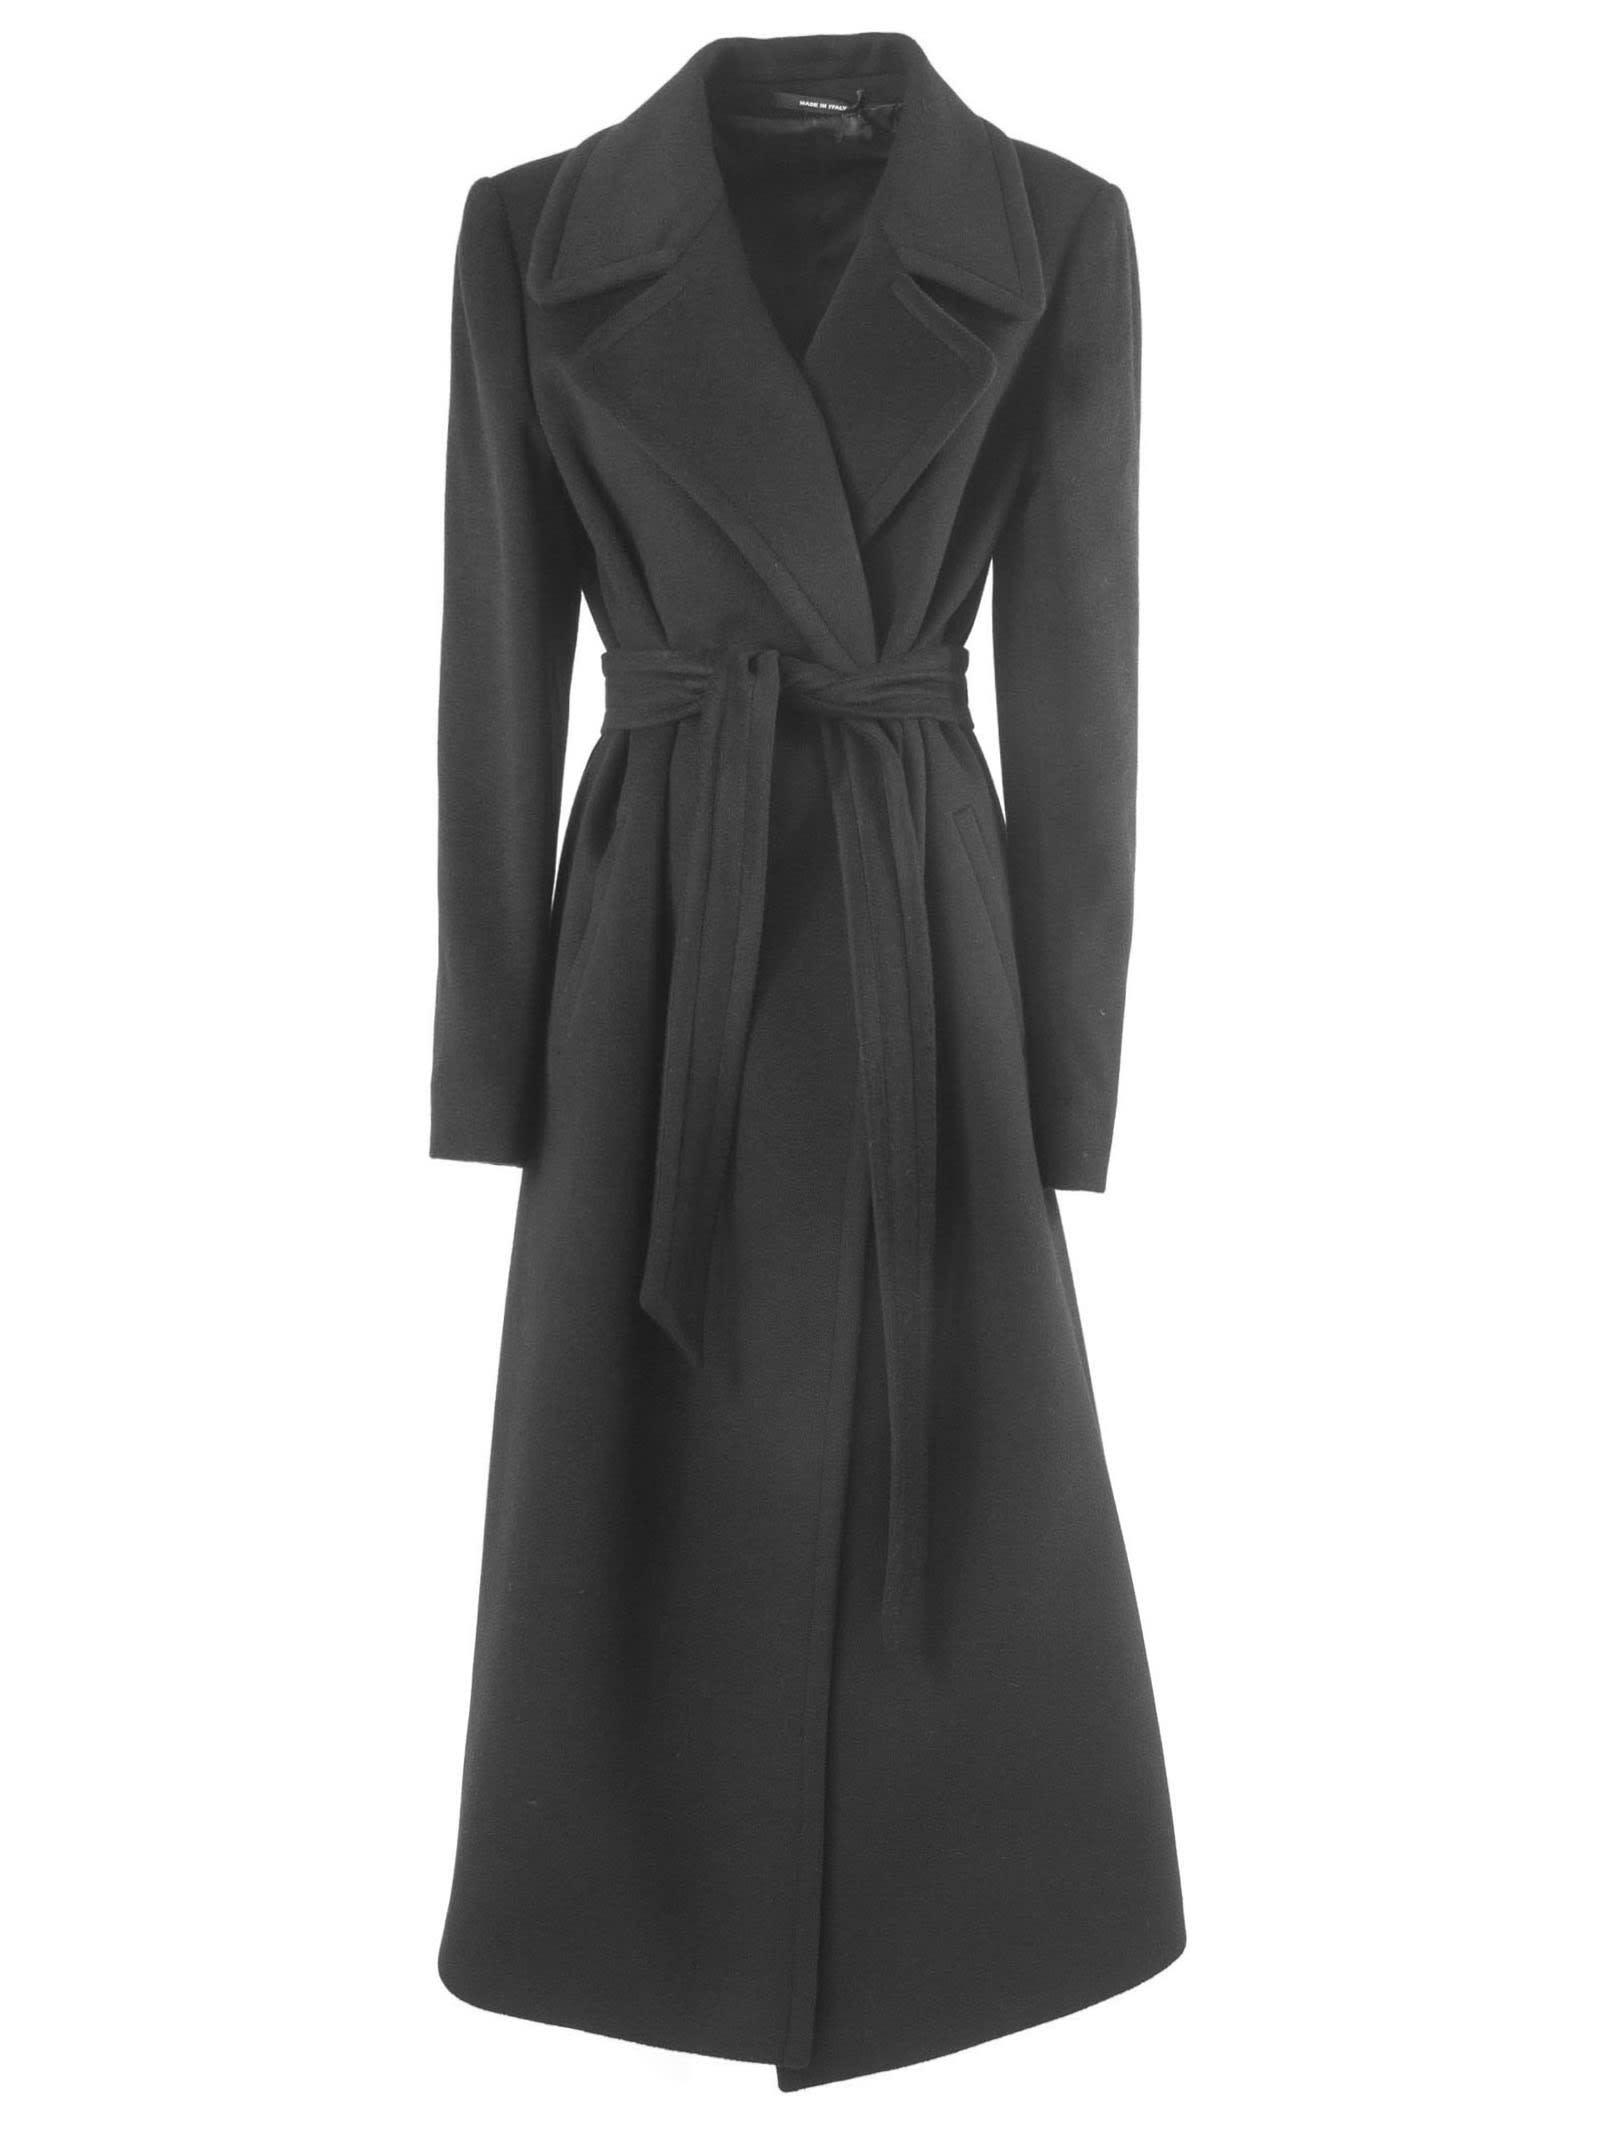 Tagliatore Long Coat In Black Cashmere